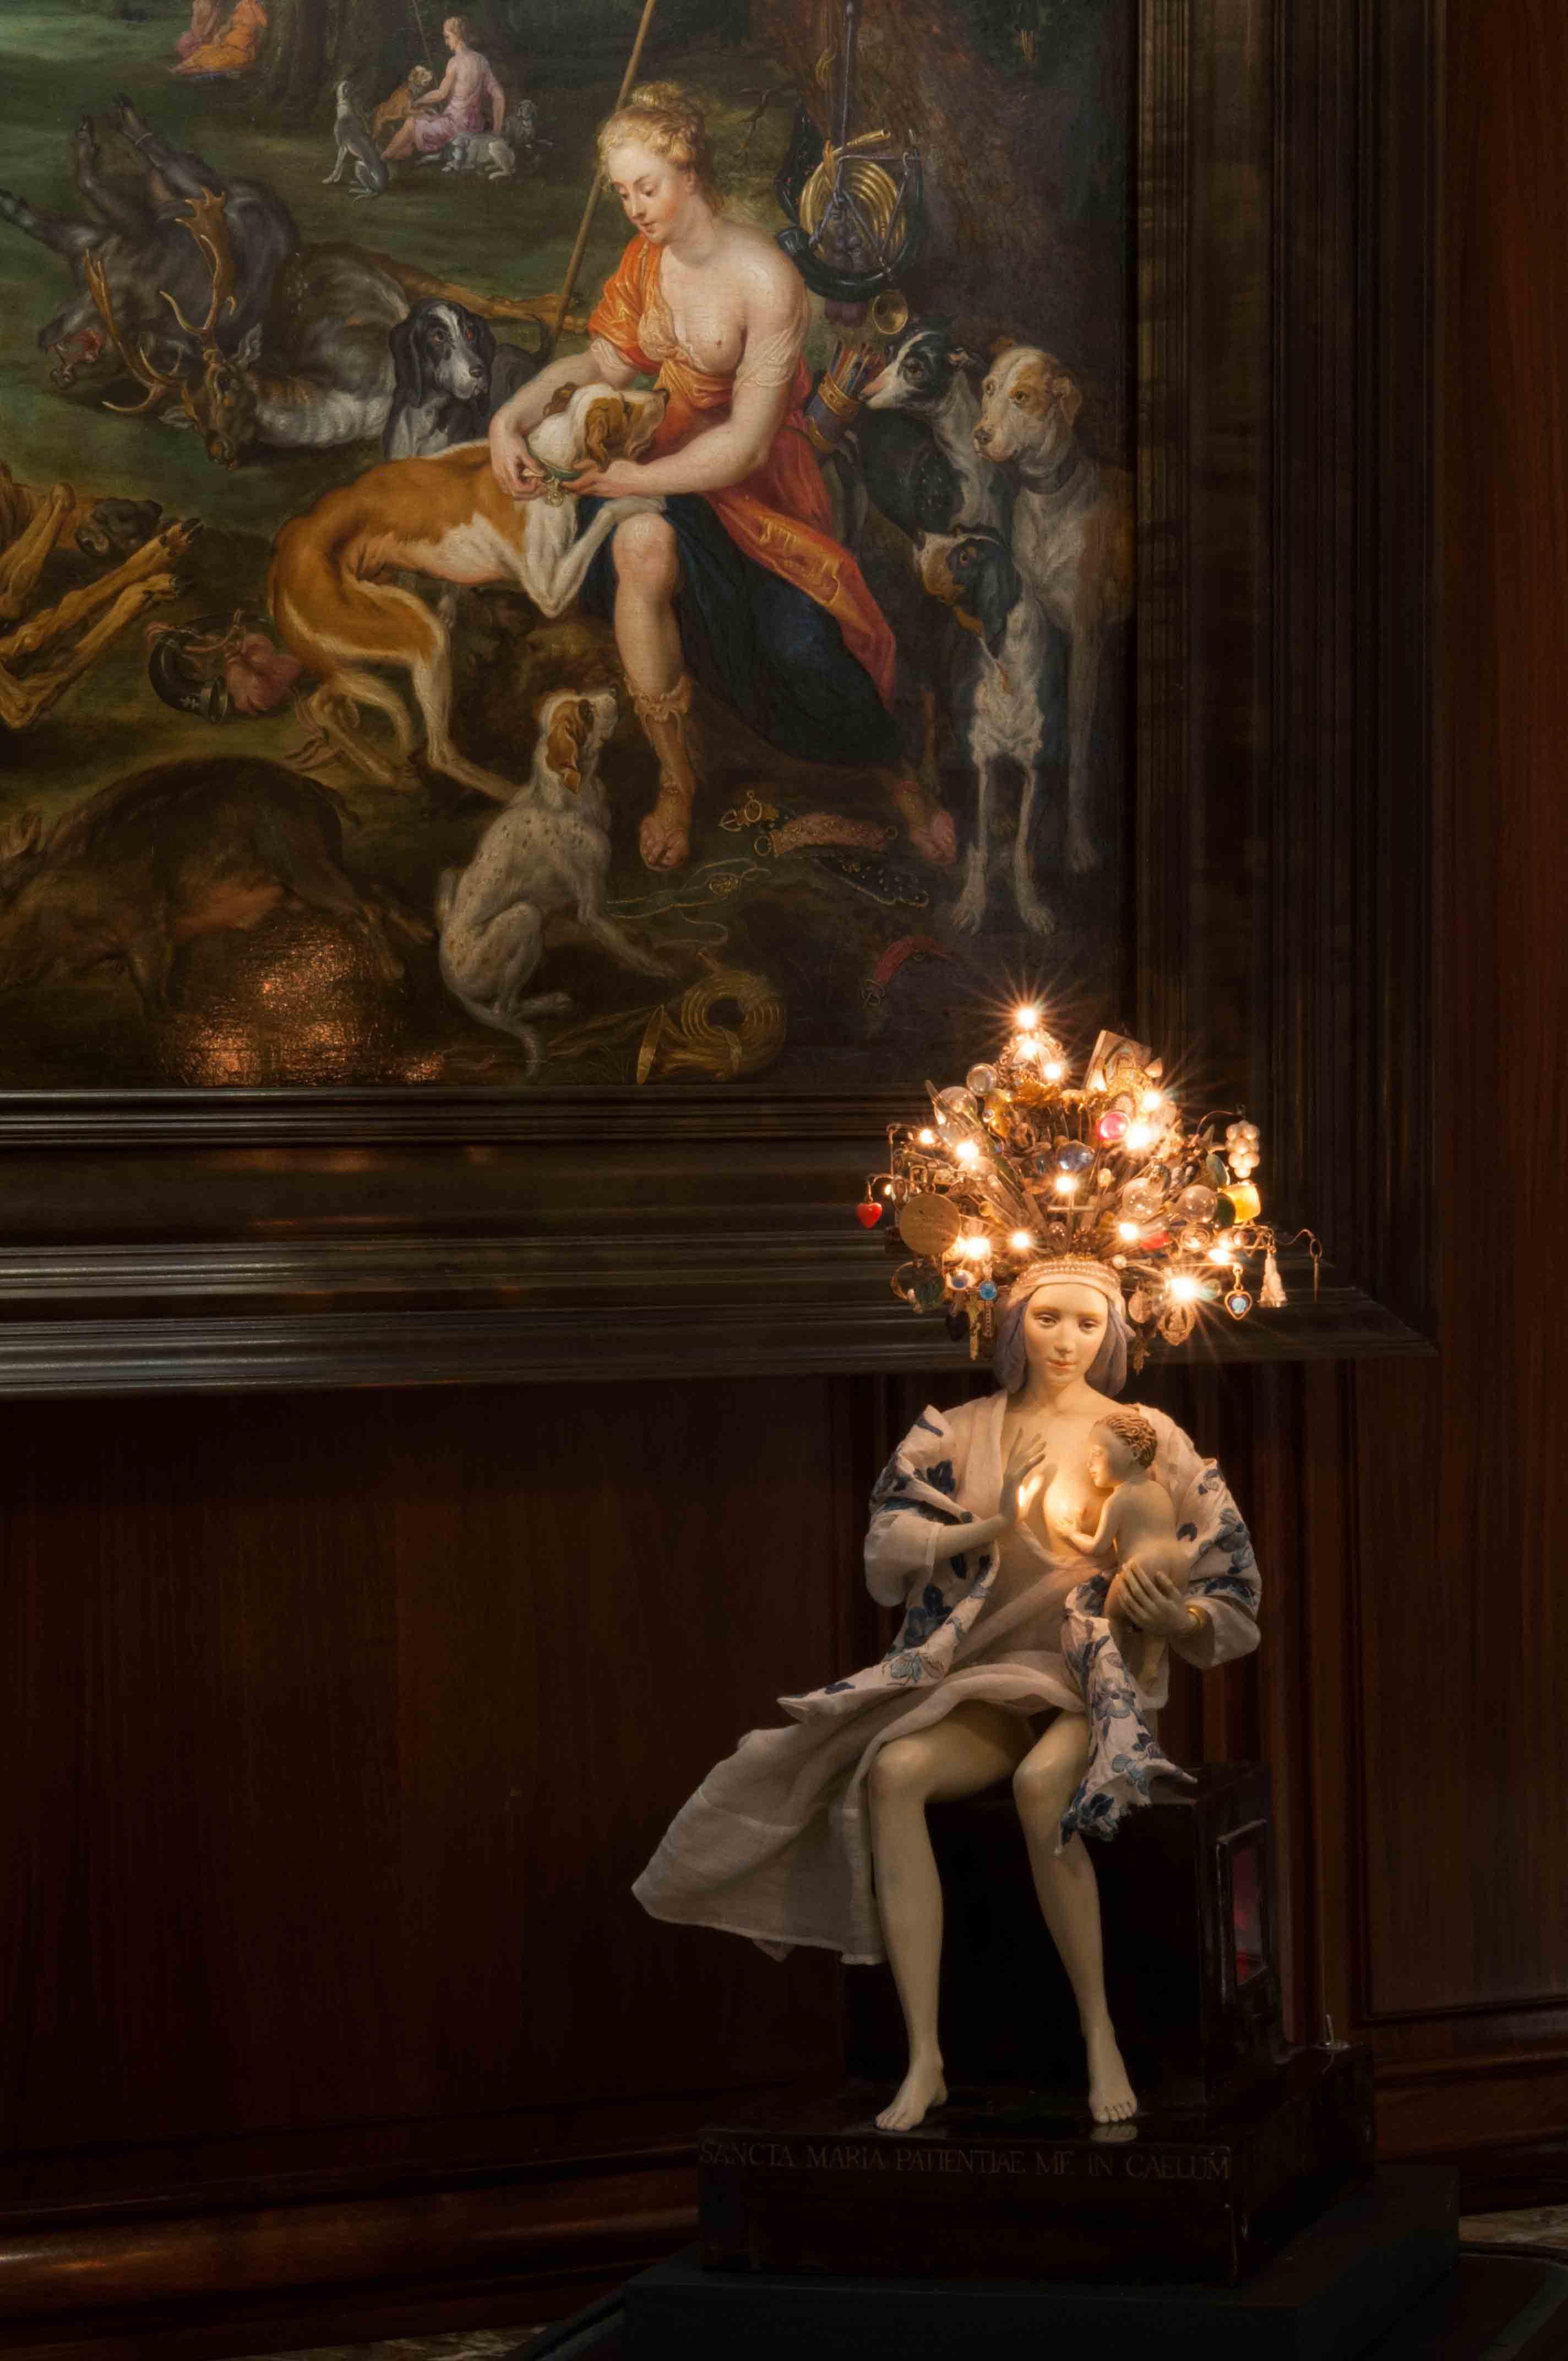 """Serena Carone, """"Vierge de la patience"""" (1997). Pâte à bois et matériaux divers. © Musée de la Chasse et de la Nature – Serena Carone/ADAGP – Cliché : Béatrice Hatala."""